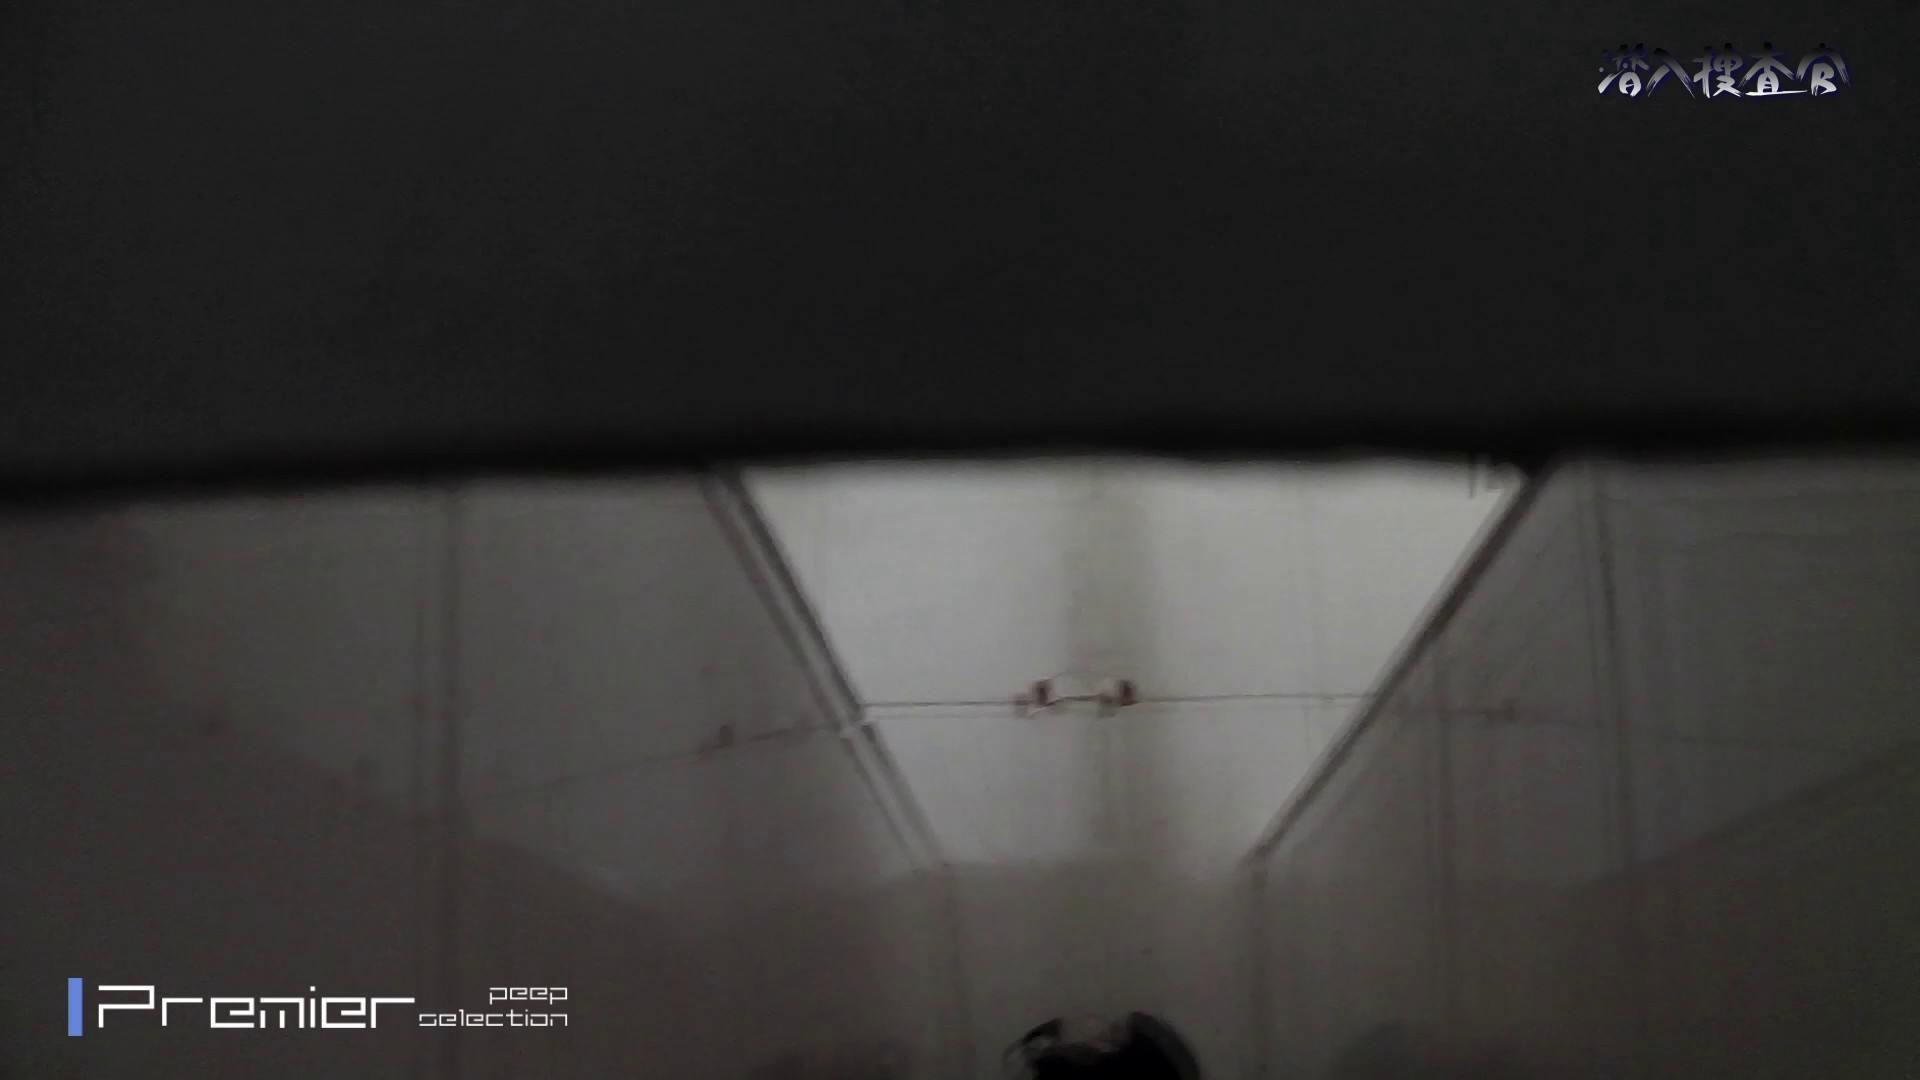 下からノゾム vol.041 携帯に夢中、後ろに居るカメラはやりたい放題! 高評価 おまんこ無修正動画無料 85画像 60